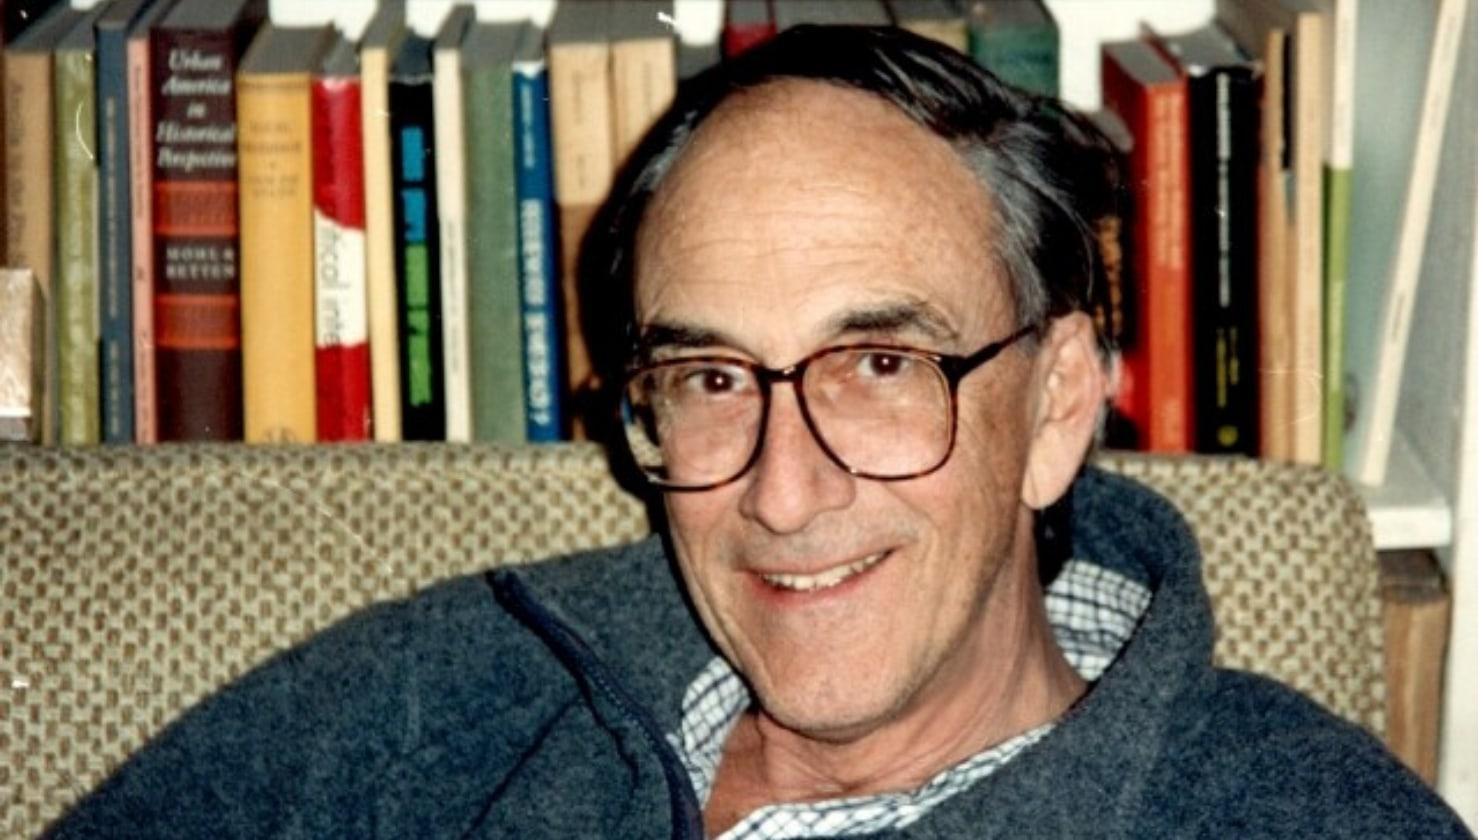 Kenneth Keniston, PhD